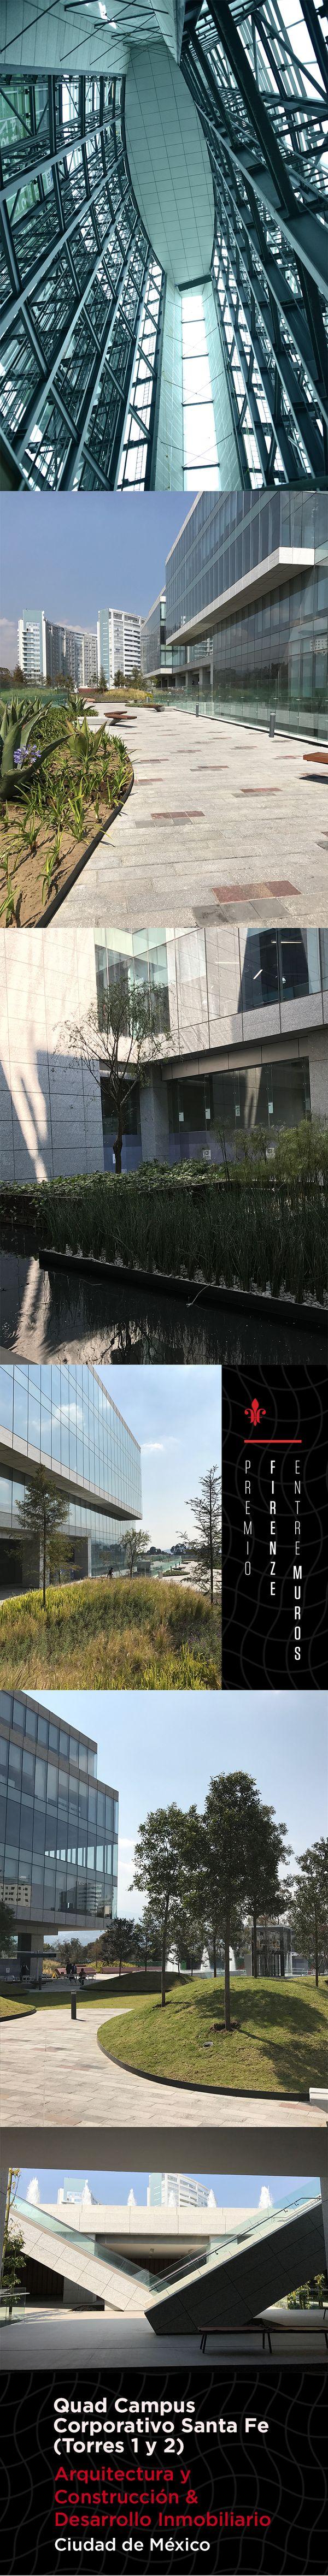 Este imponente desarrollo se compone de cinco edificios de oficinas, cuatro de ellos ordenados alrededor de una plaza central con un espejo de agua. Cuenta con más de 15 mil metros cuadrados de áreas verdes.